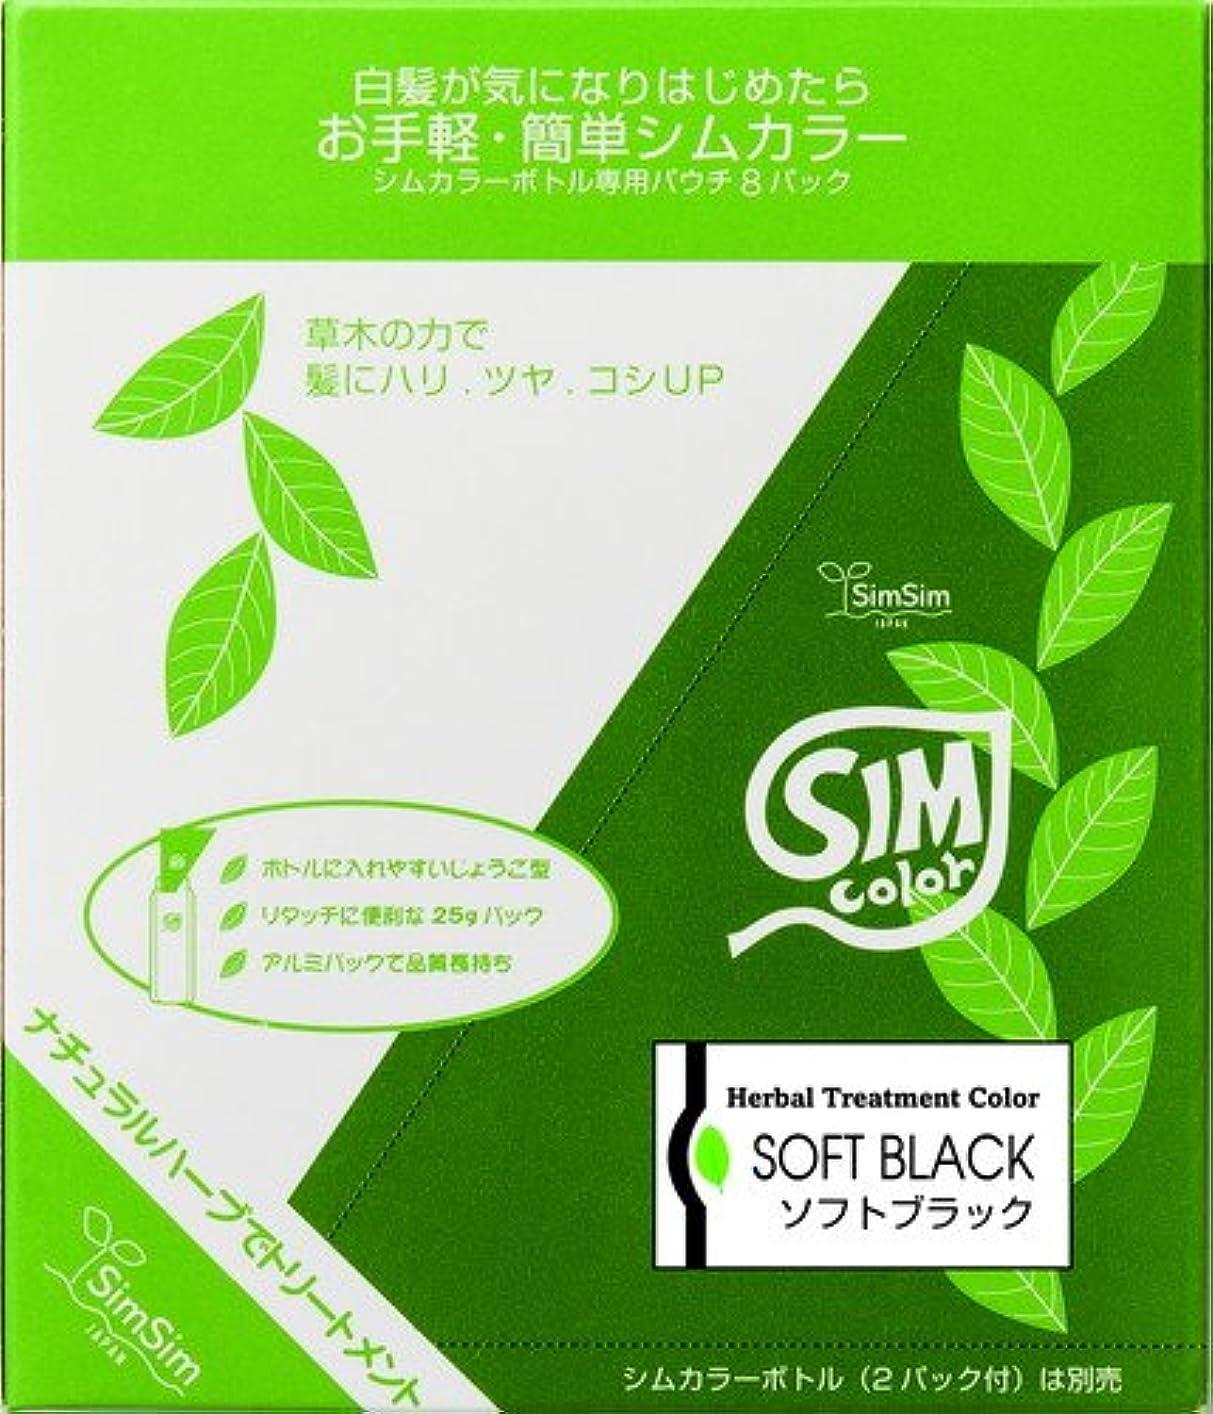 継続中降臨判読できないSimSim(シムシム)お手軽簡単シムカラーエクストラ(EX)25g 8袋 ソフトブラック